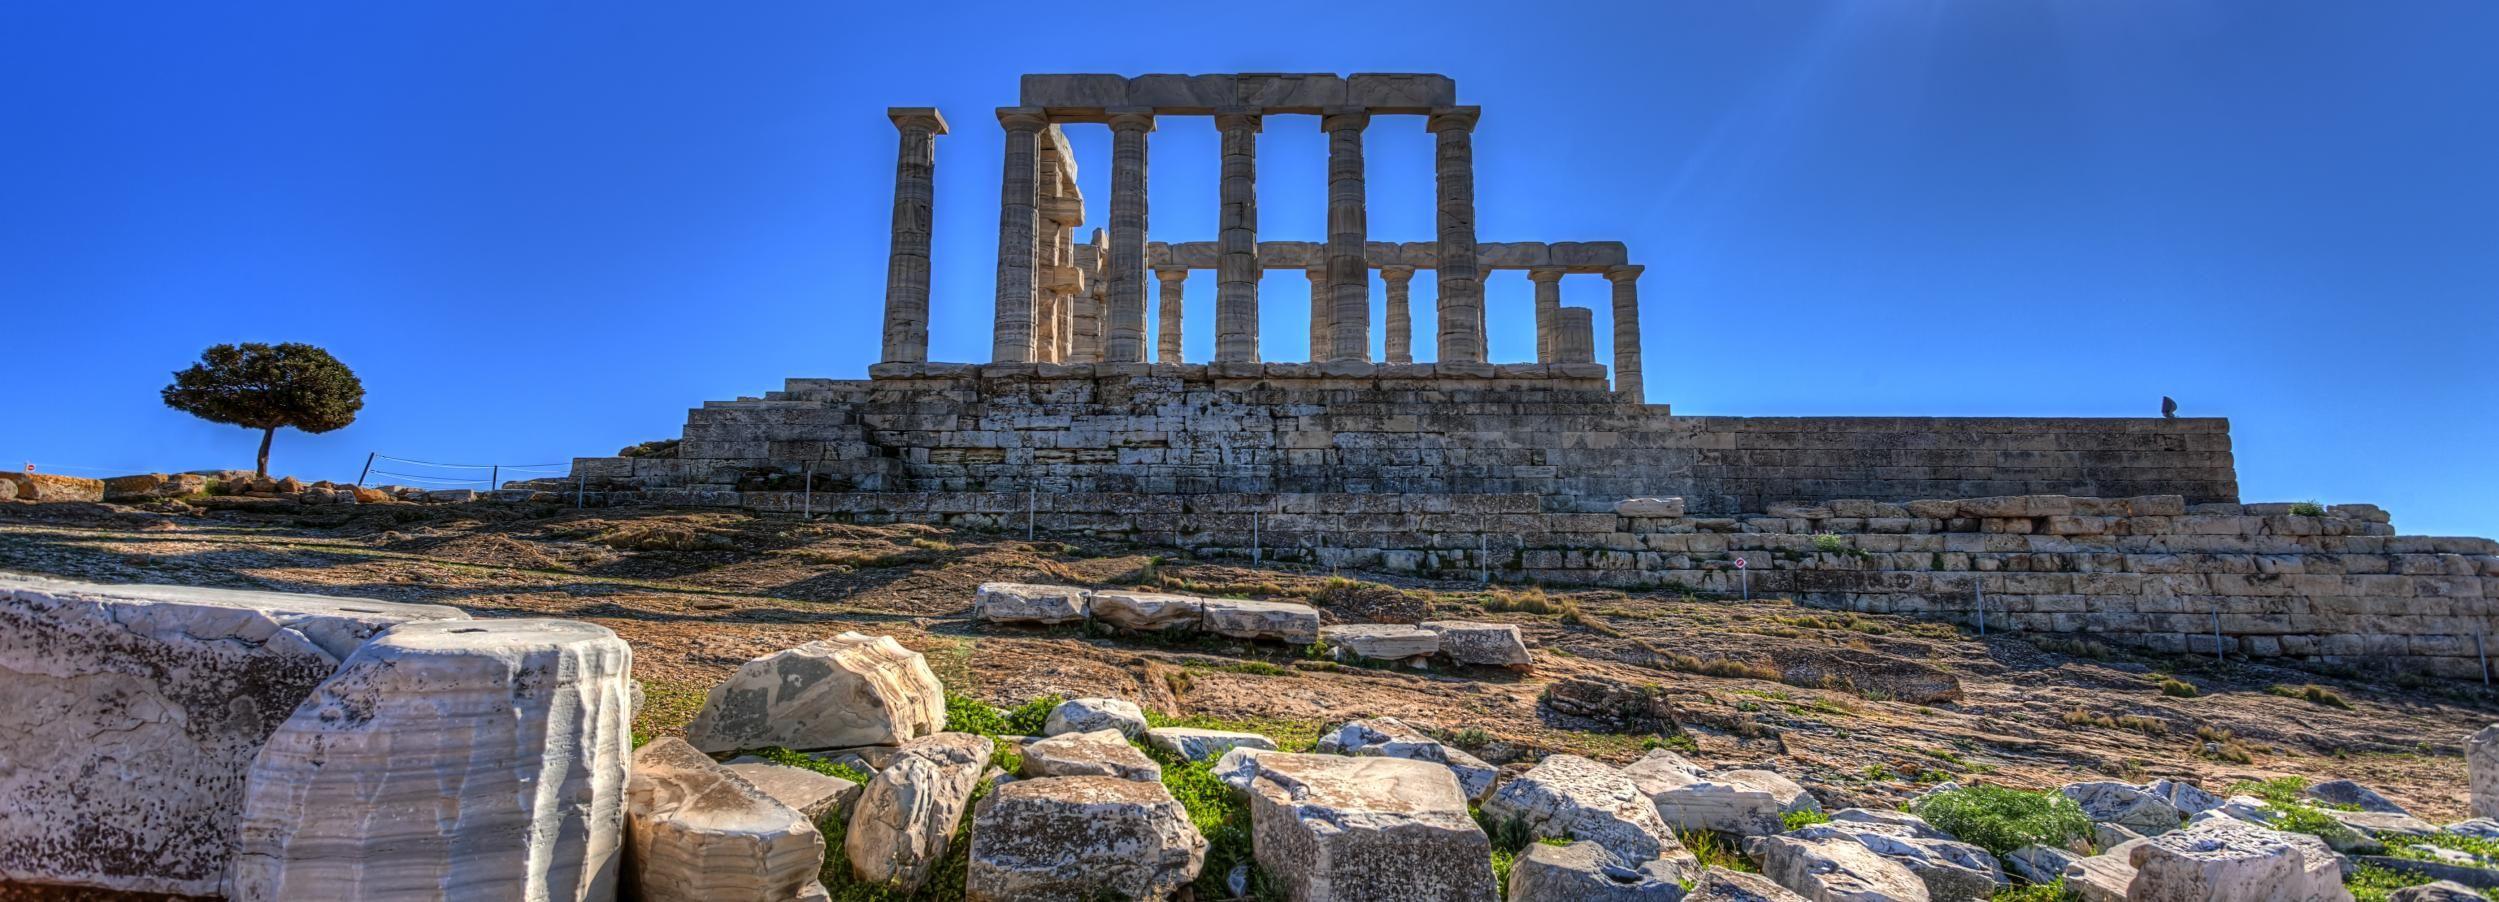 Tour Cabo Sunión y Templo de Poseidón: Desde Atenas